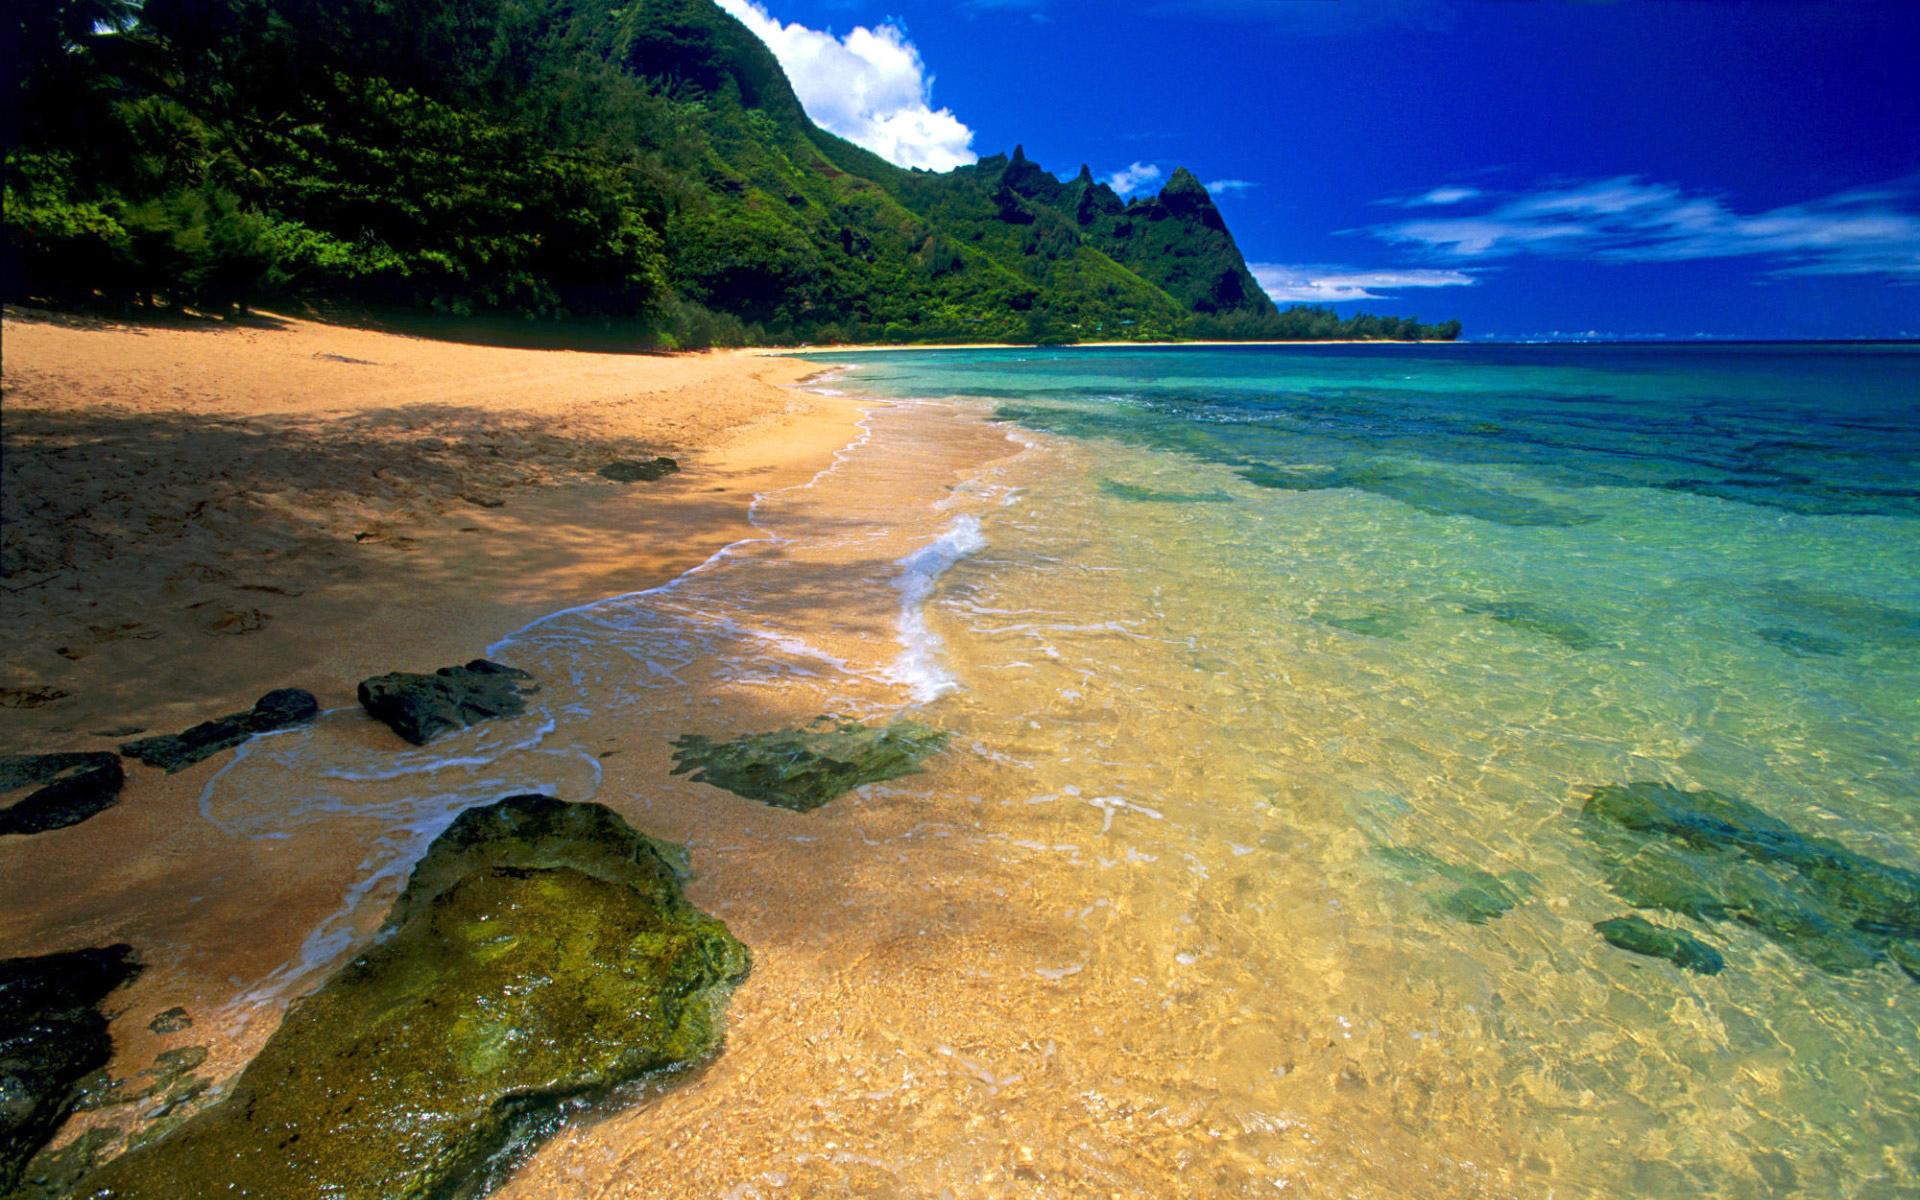 بالصور صور عن البحر , اجمل صور للبحر 3921 2